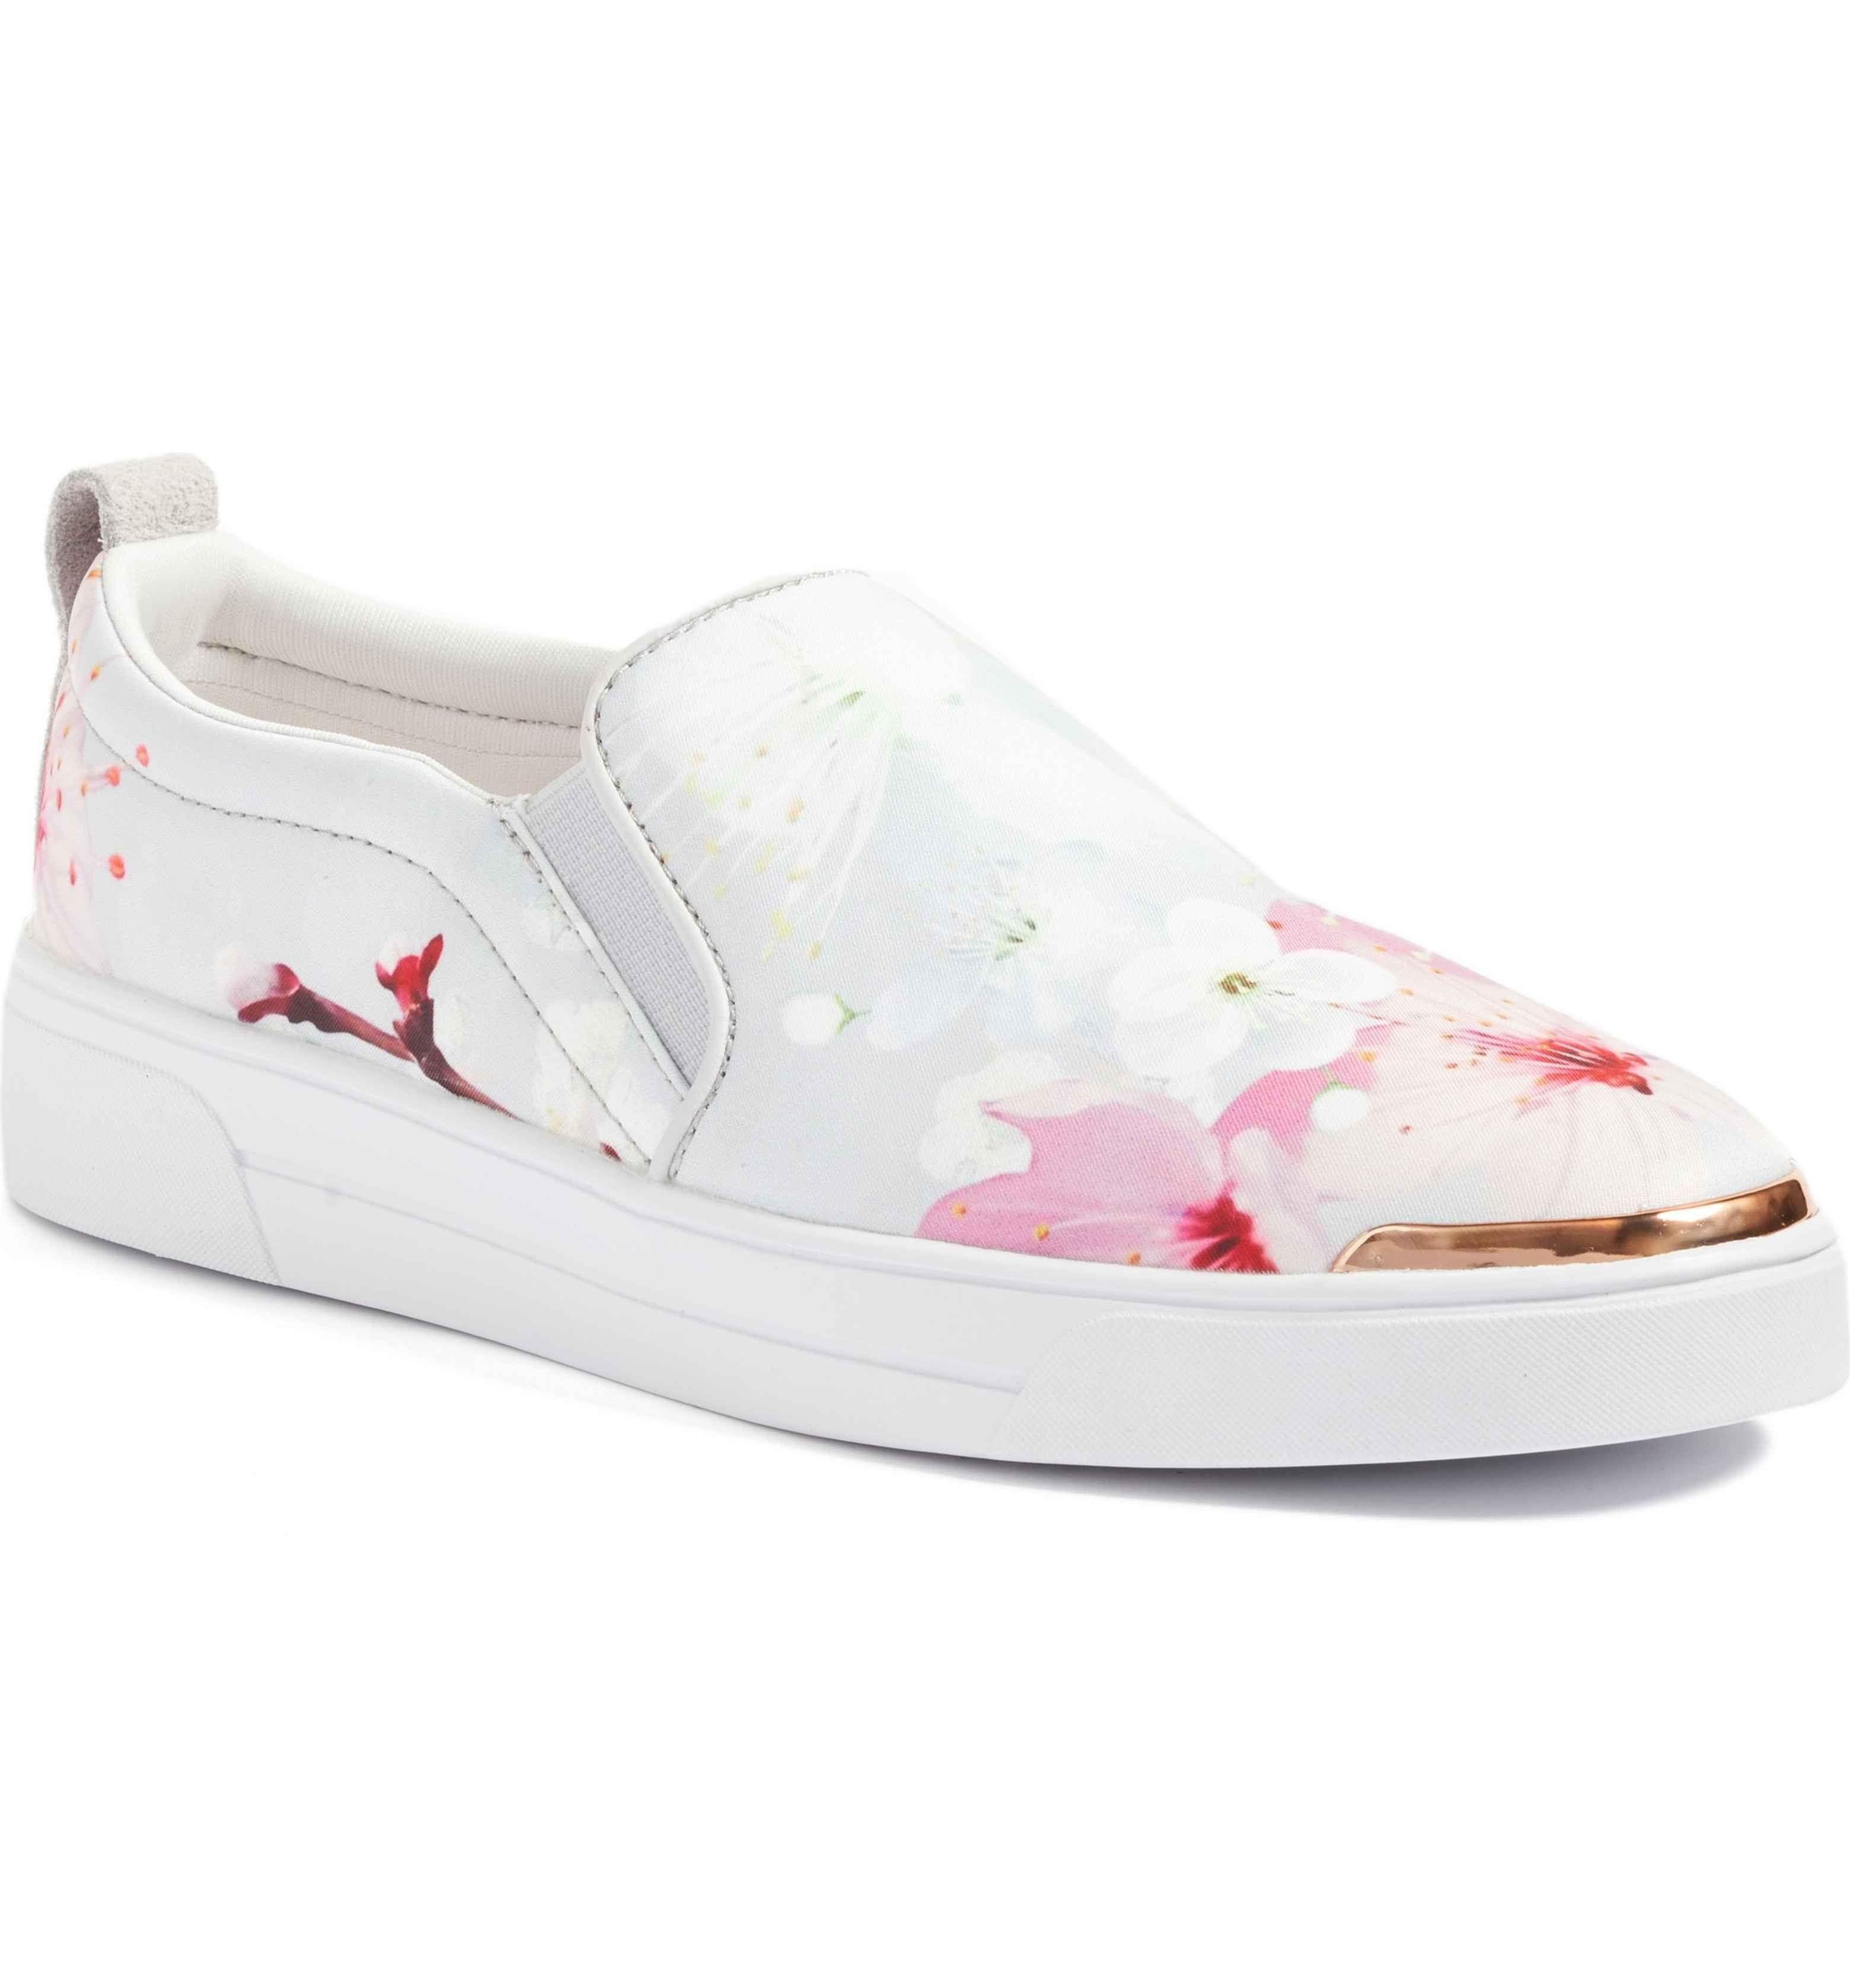 7789362c15f Main Image - Ted Baker London Tancey Slip-On Sneaker (Women)